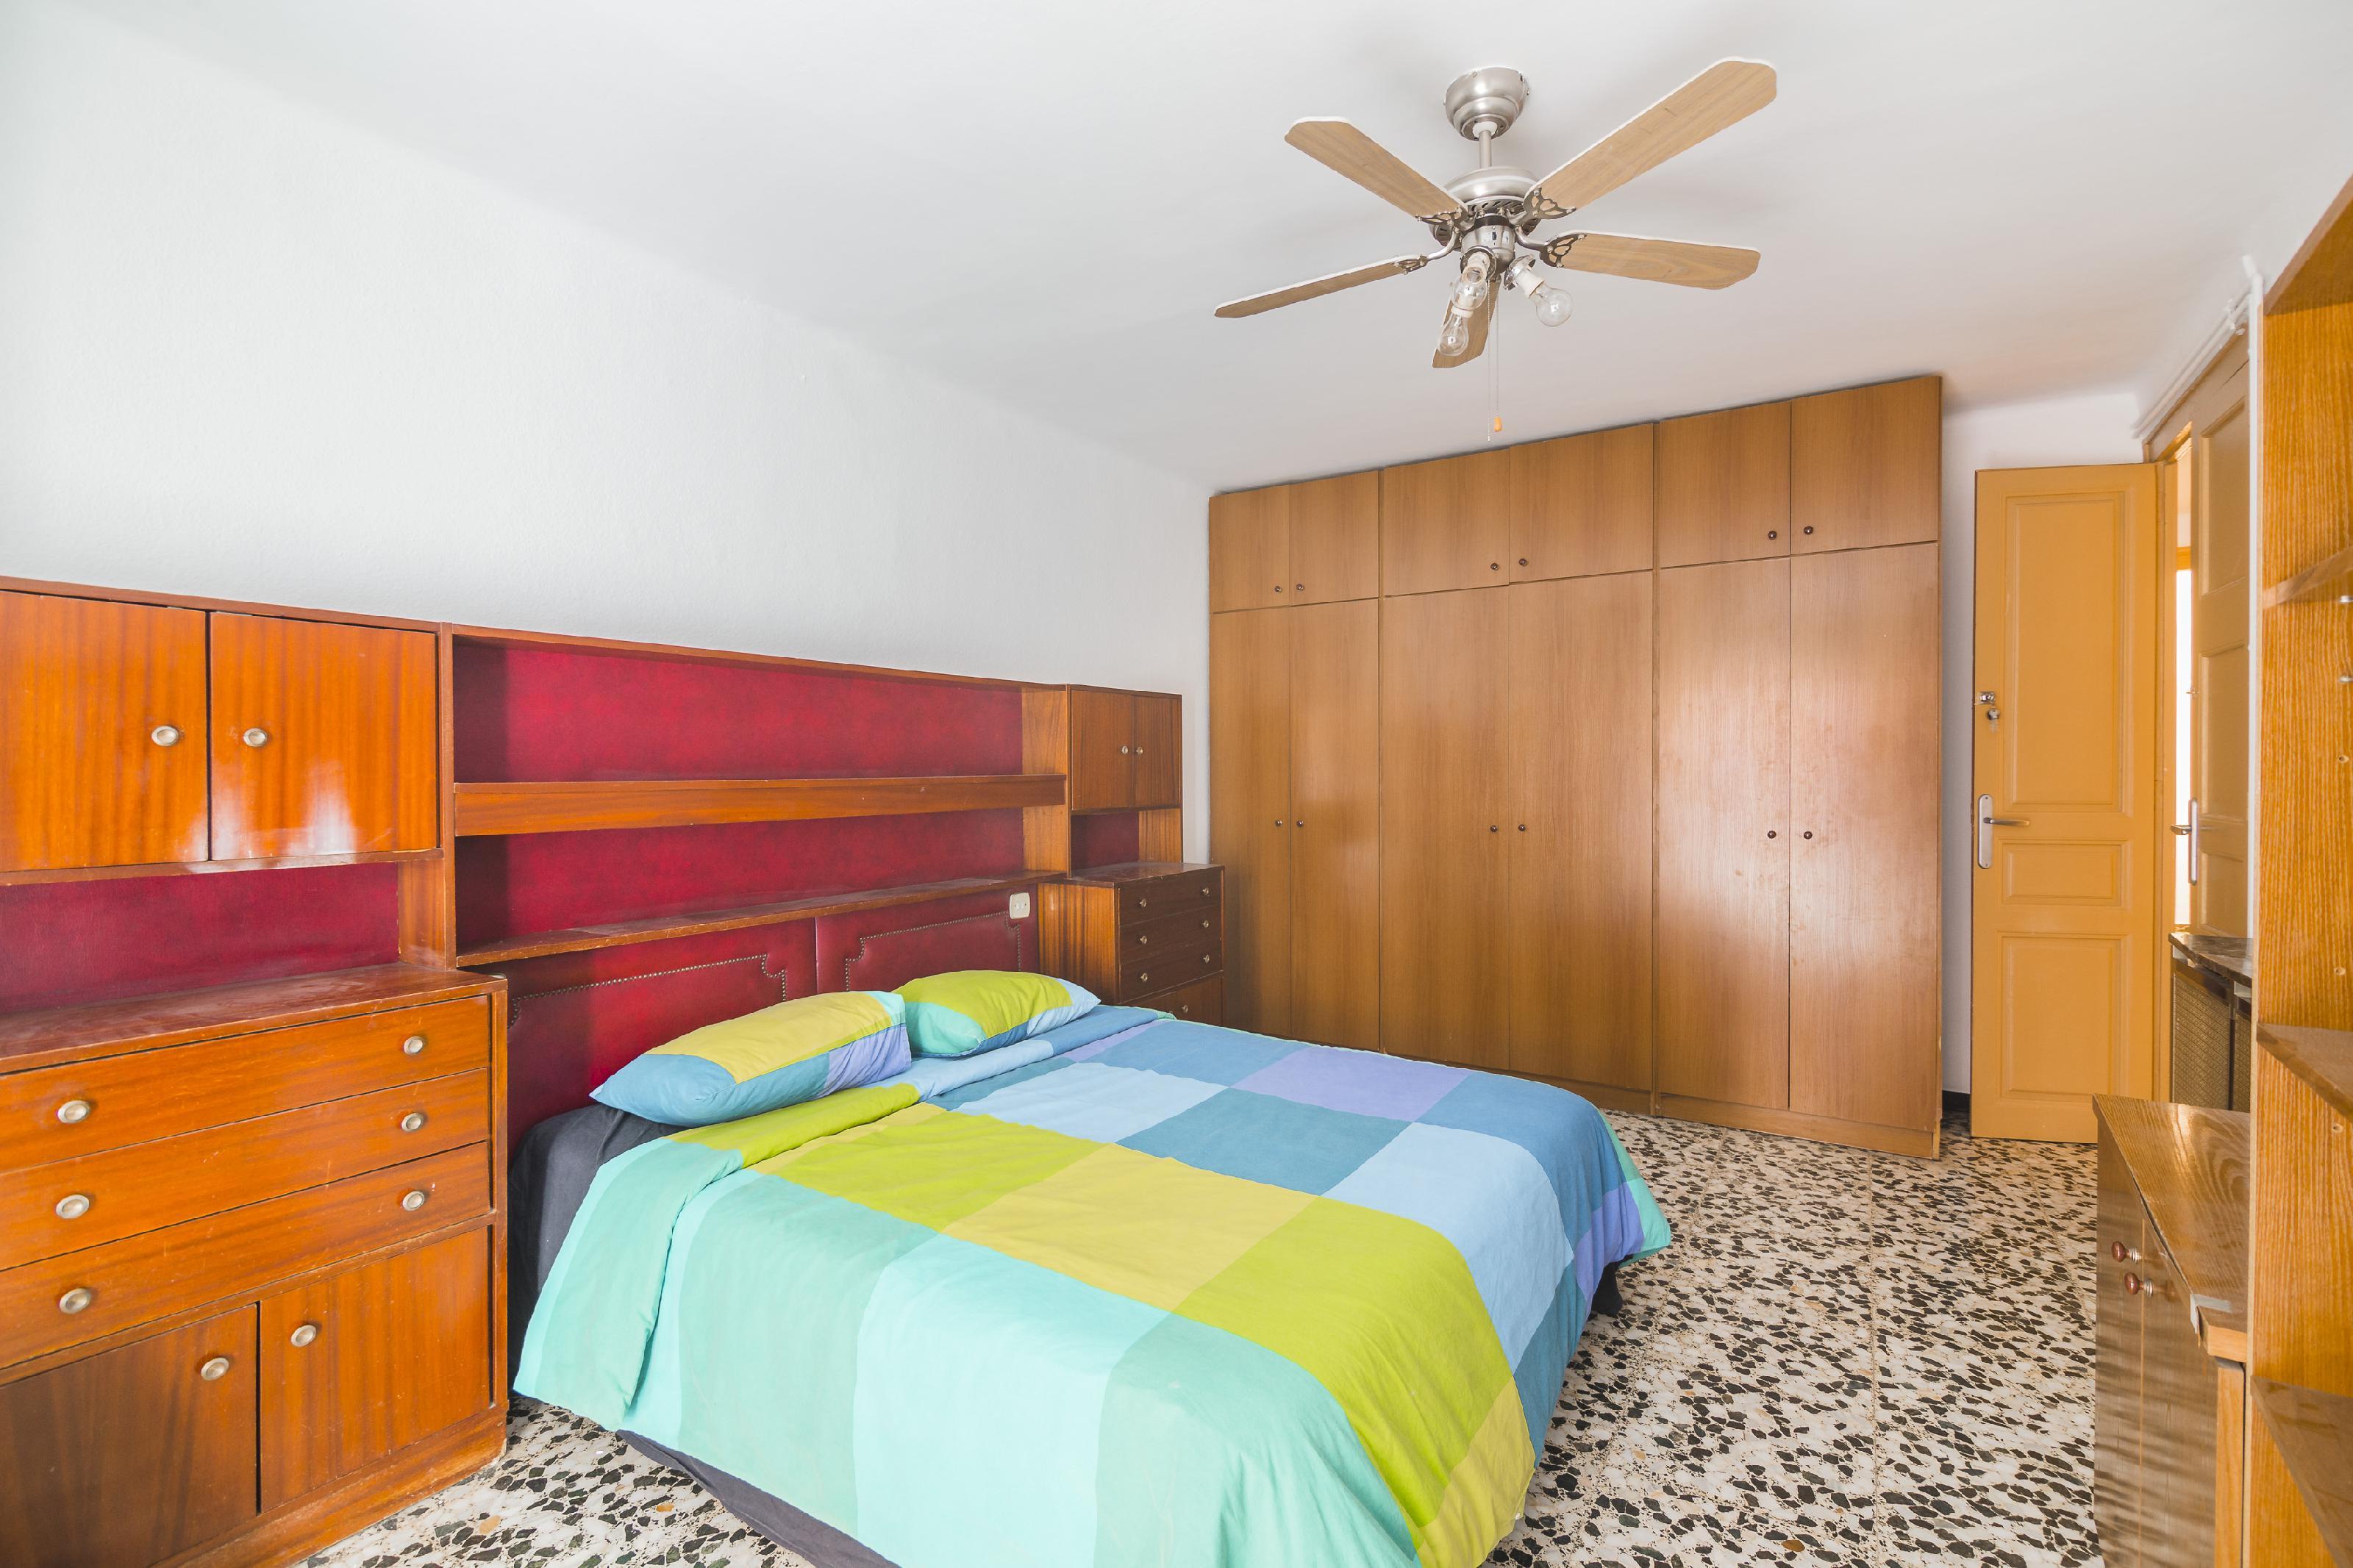 249648 Piso en venda en Ciutat Vella, El Raval 25